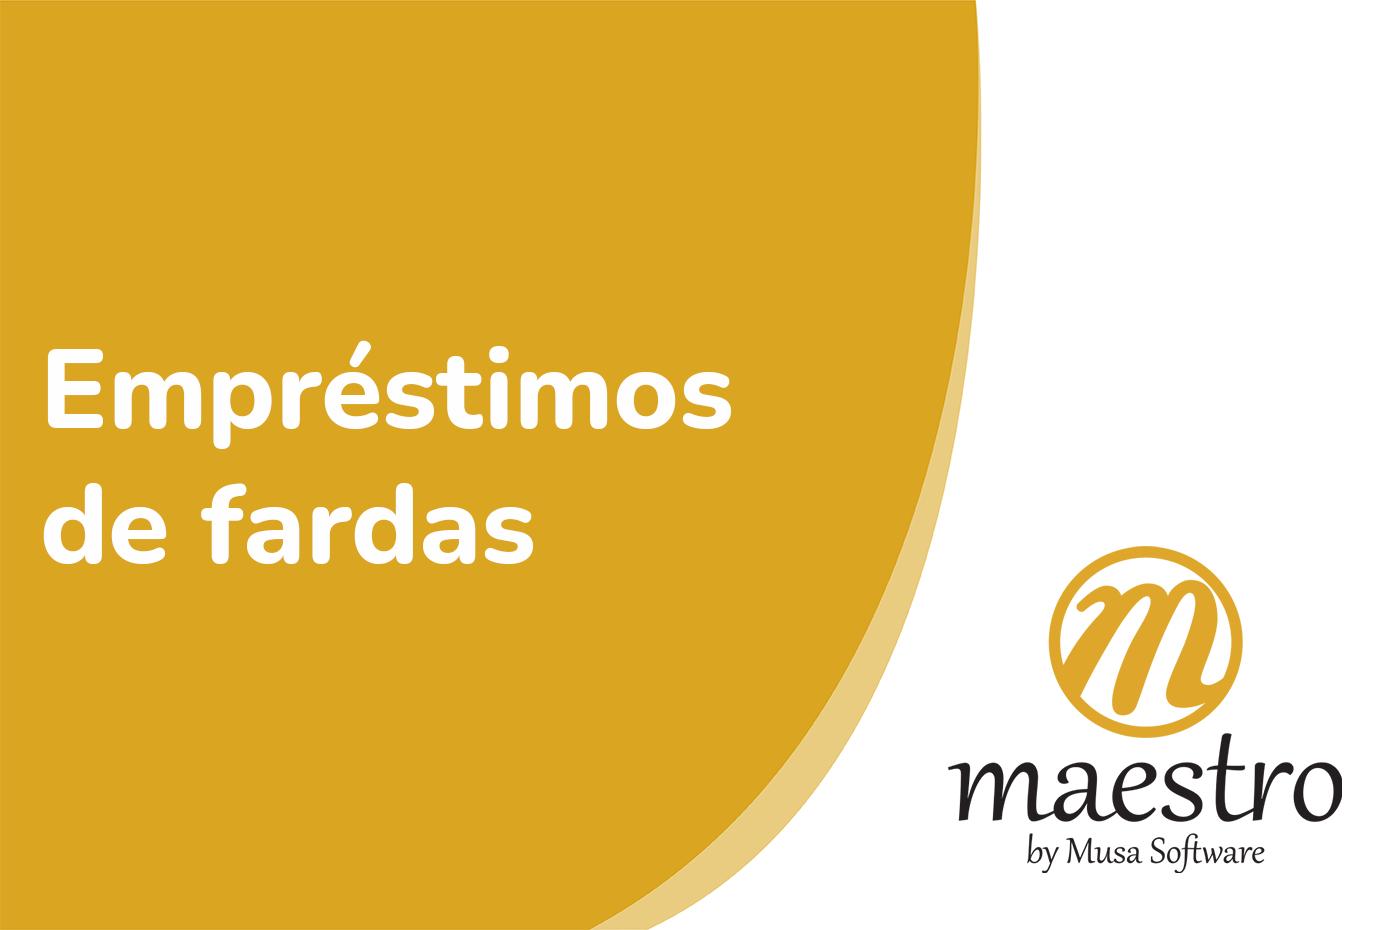 Fardas_empréstimos-maestro-plataforma-gestao-de-bandas-filarmonicas